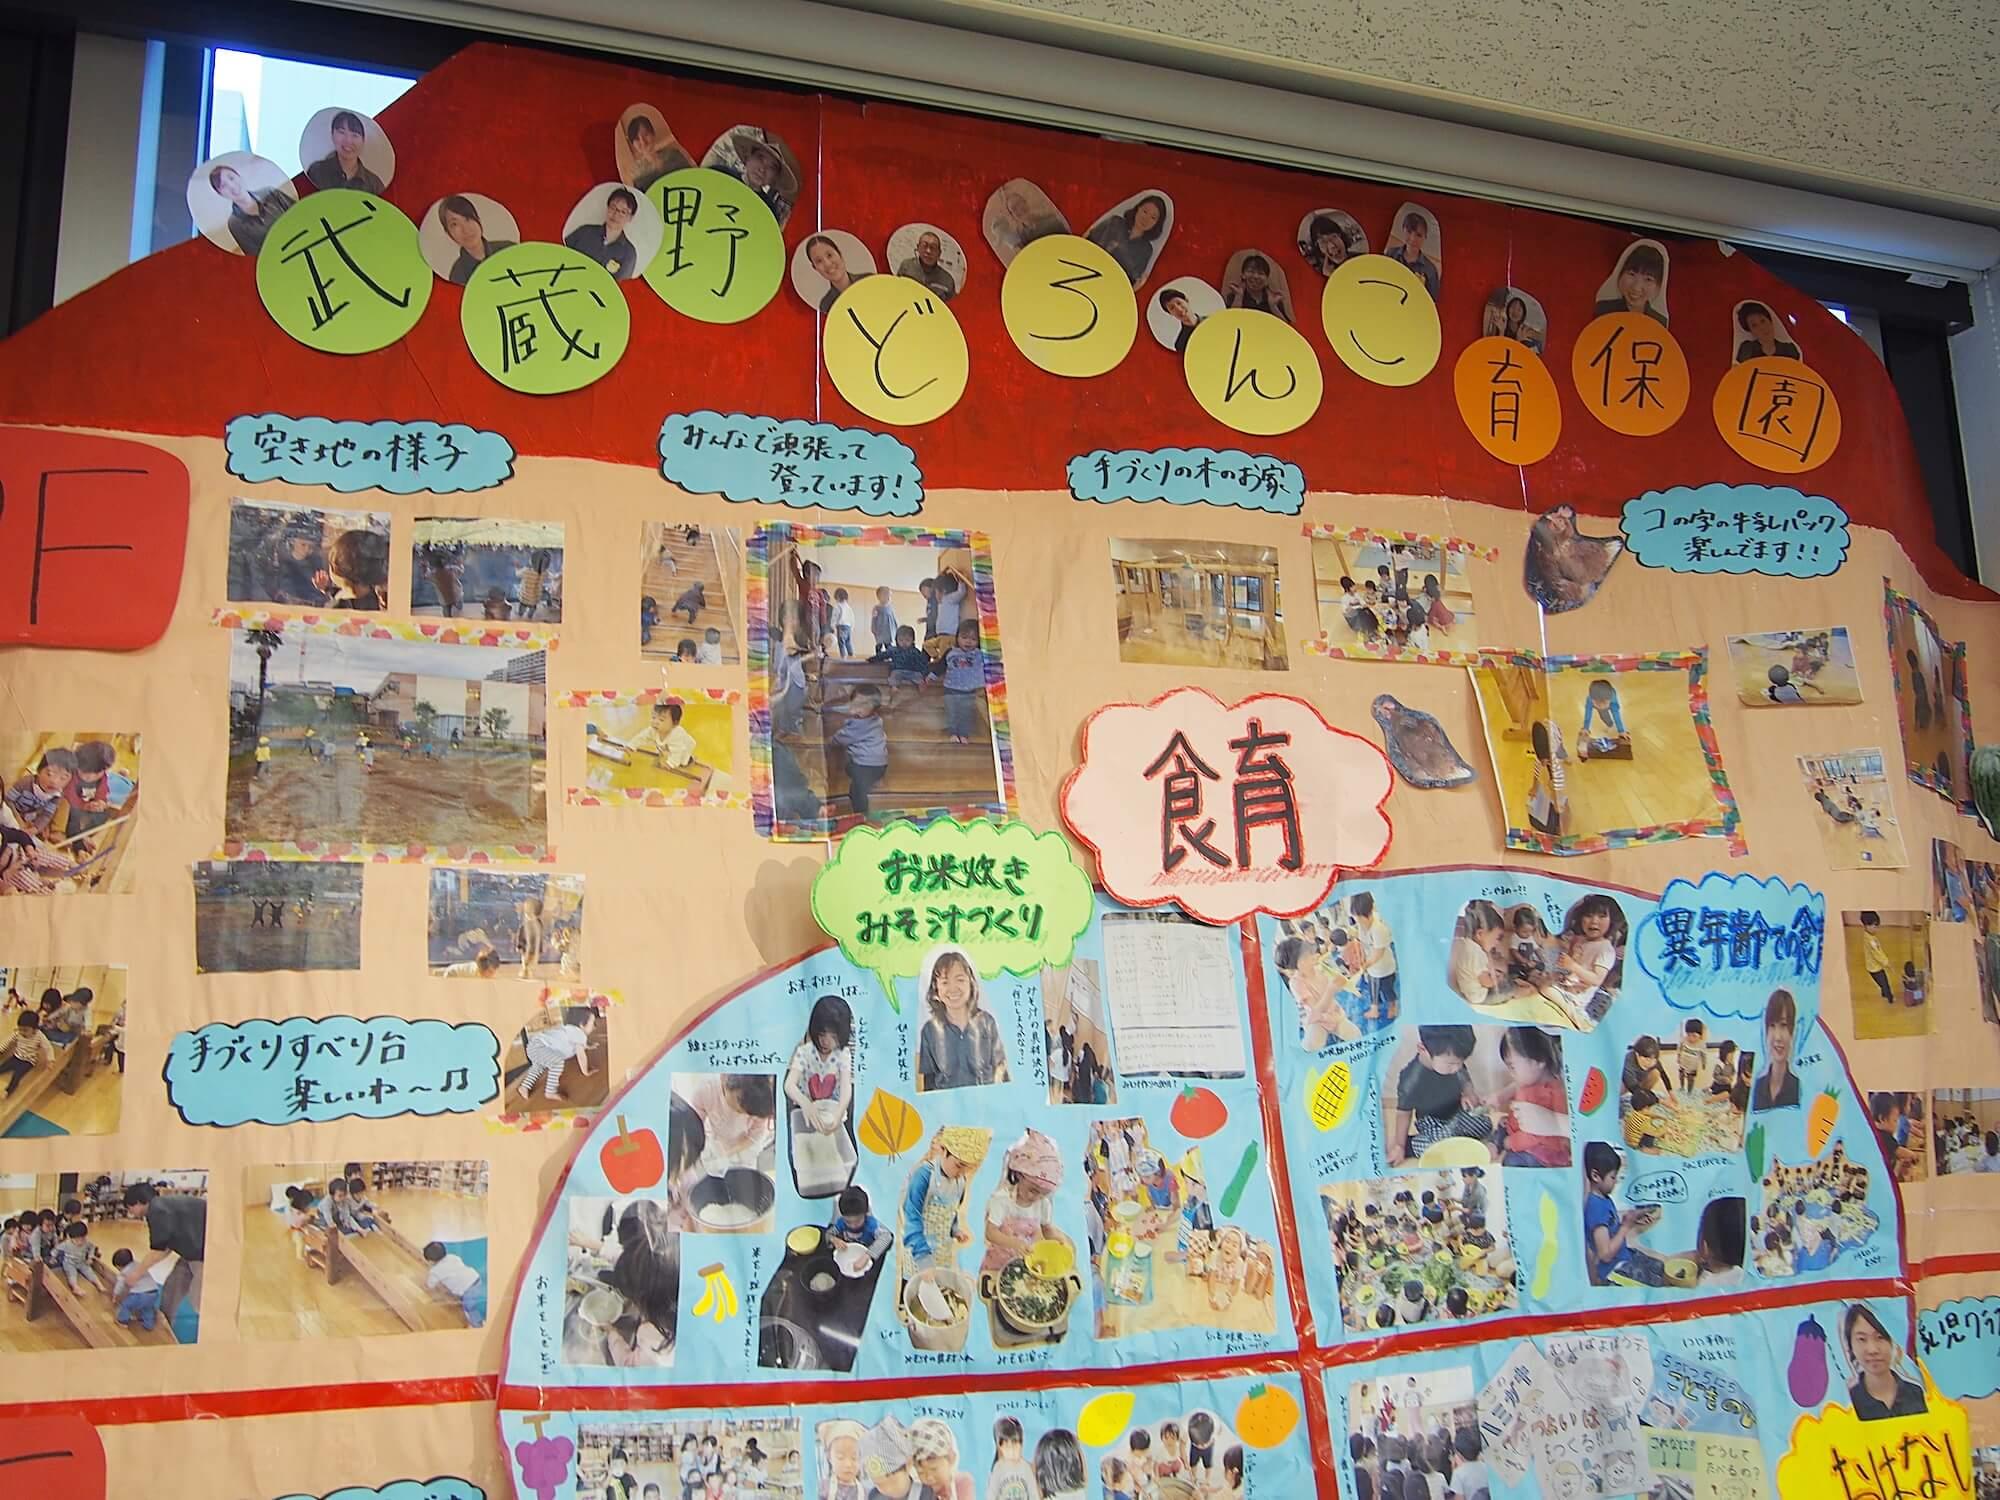 写真に収まりきらない大きな資料を作成した武蔵野どろんこ保育園